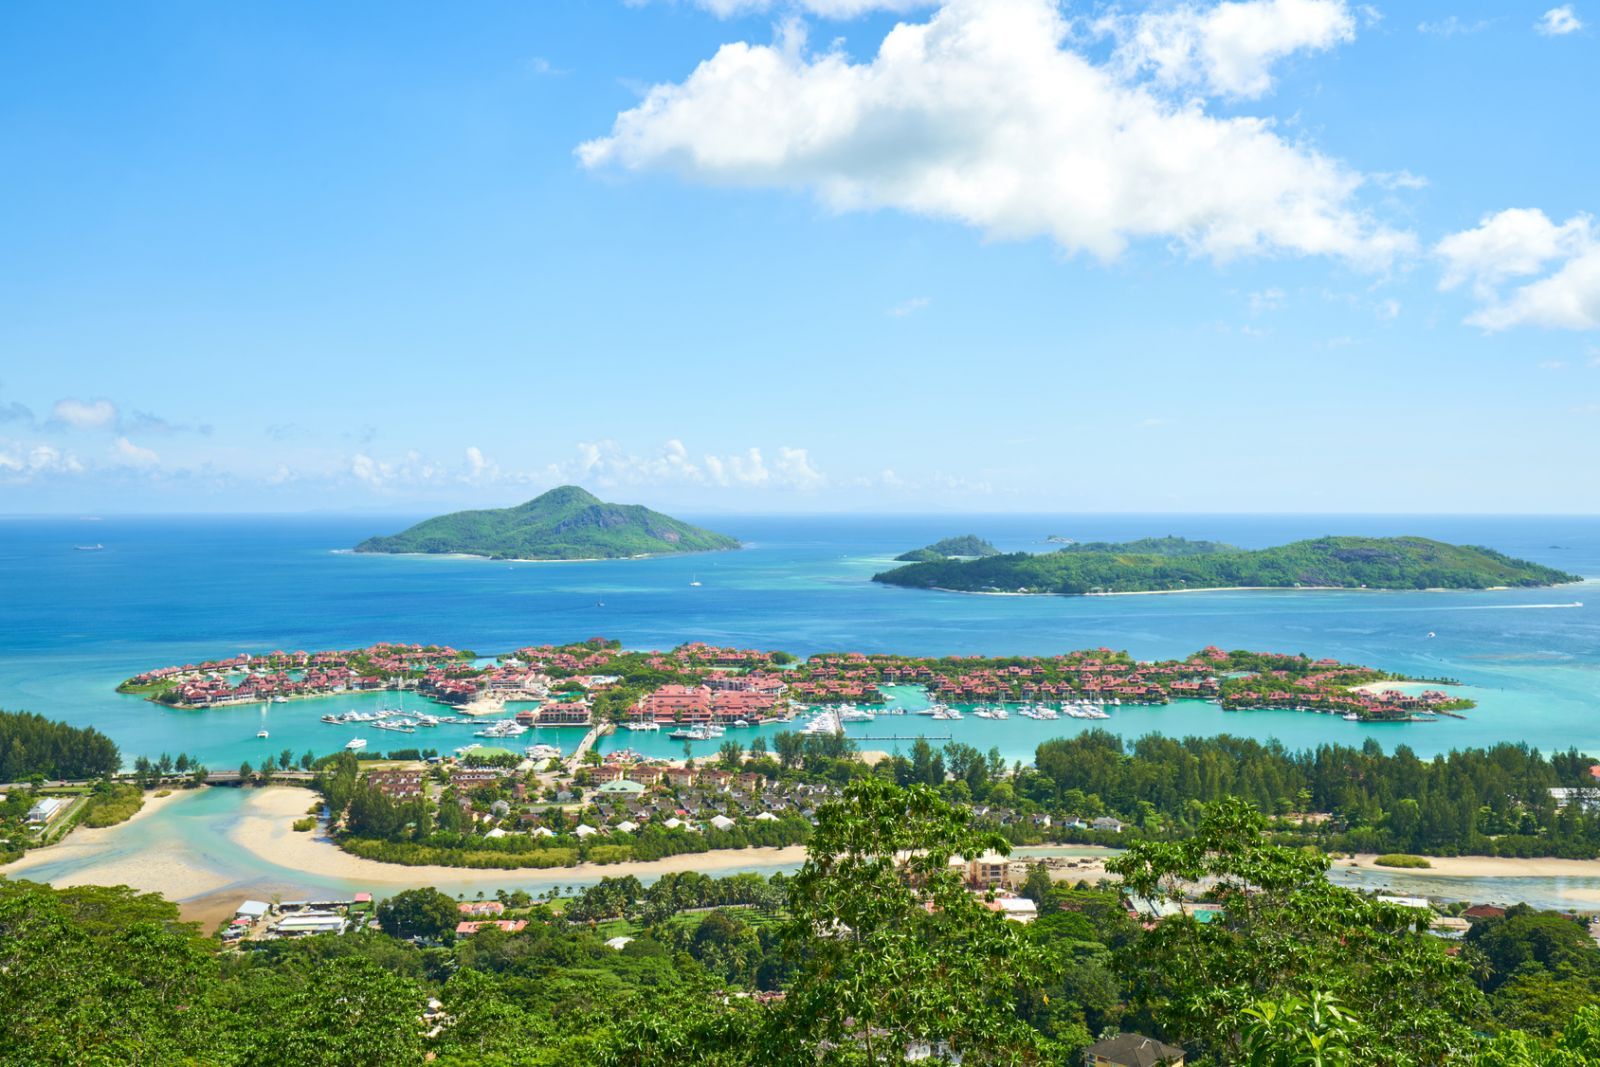 Blick auf die künstlich angelegte Insel Eden Island mit der Marina. ©LR Photographies/Fotolia